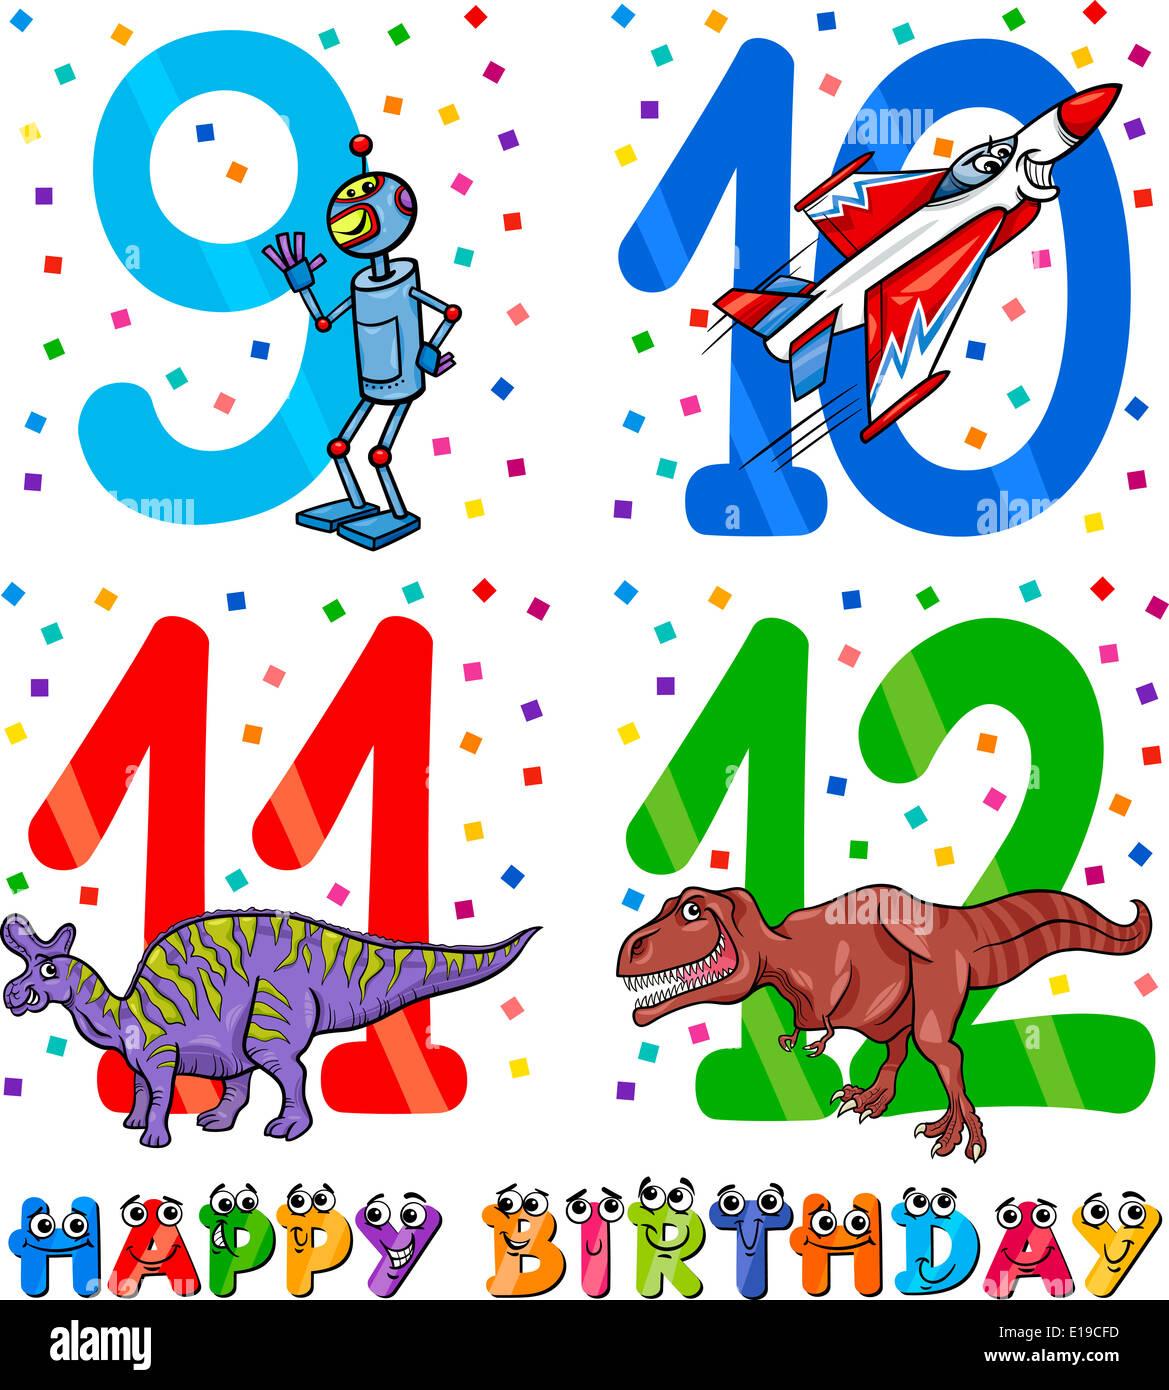 Cartoon Illustrazione Del Buon Compleanno Anniversario Disegni Per